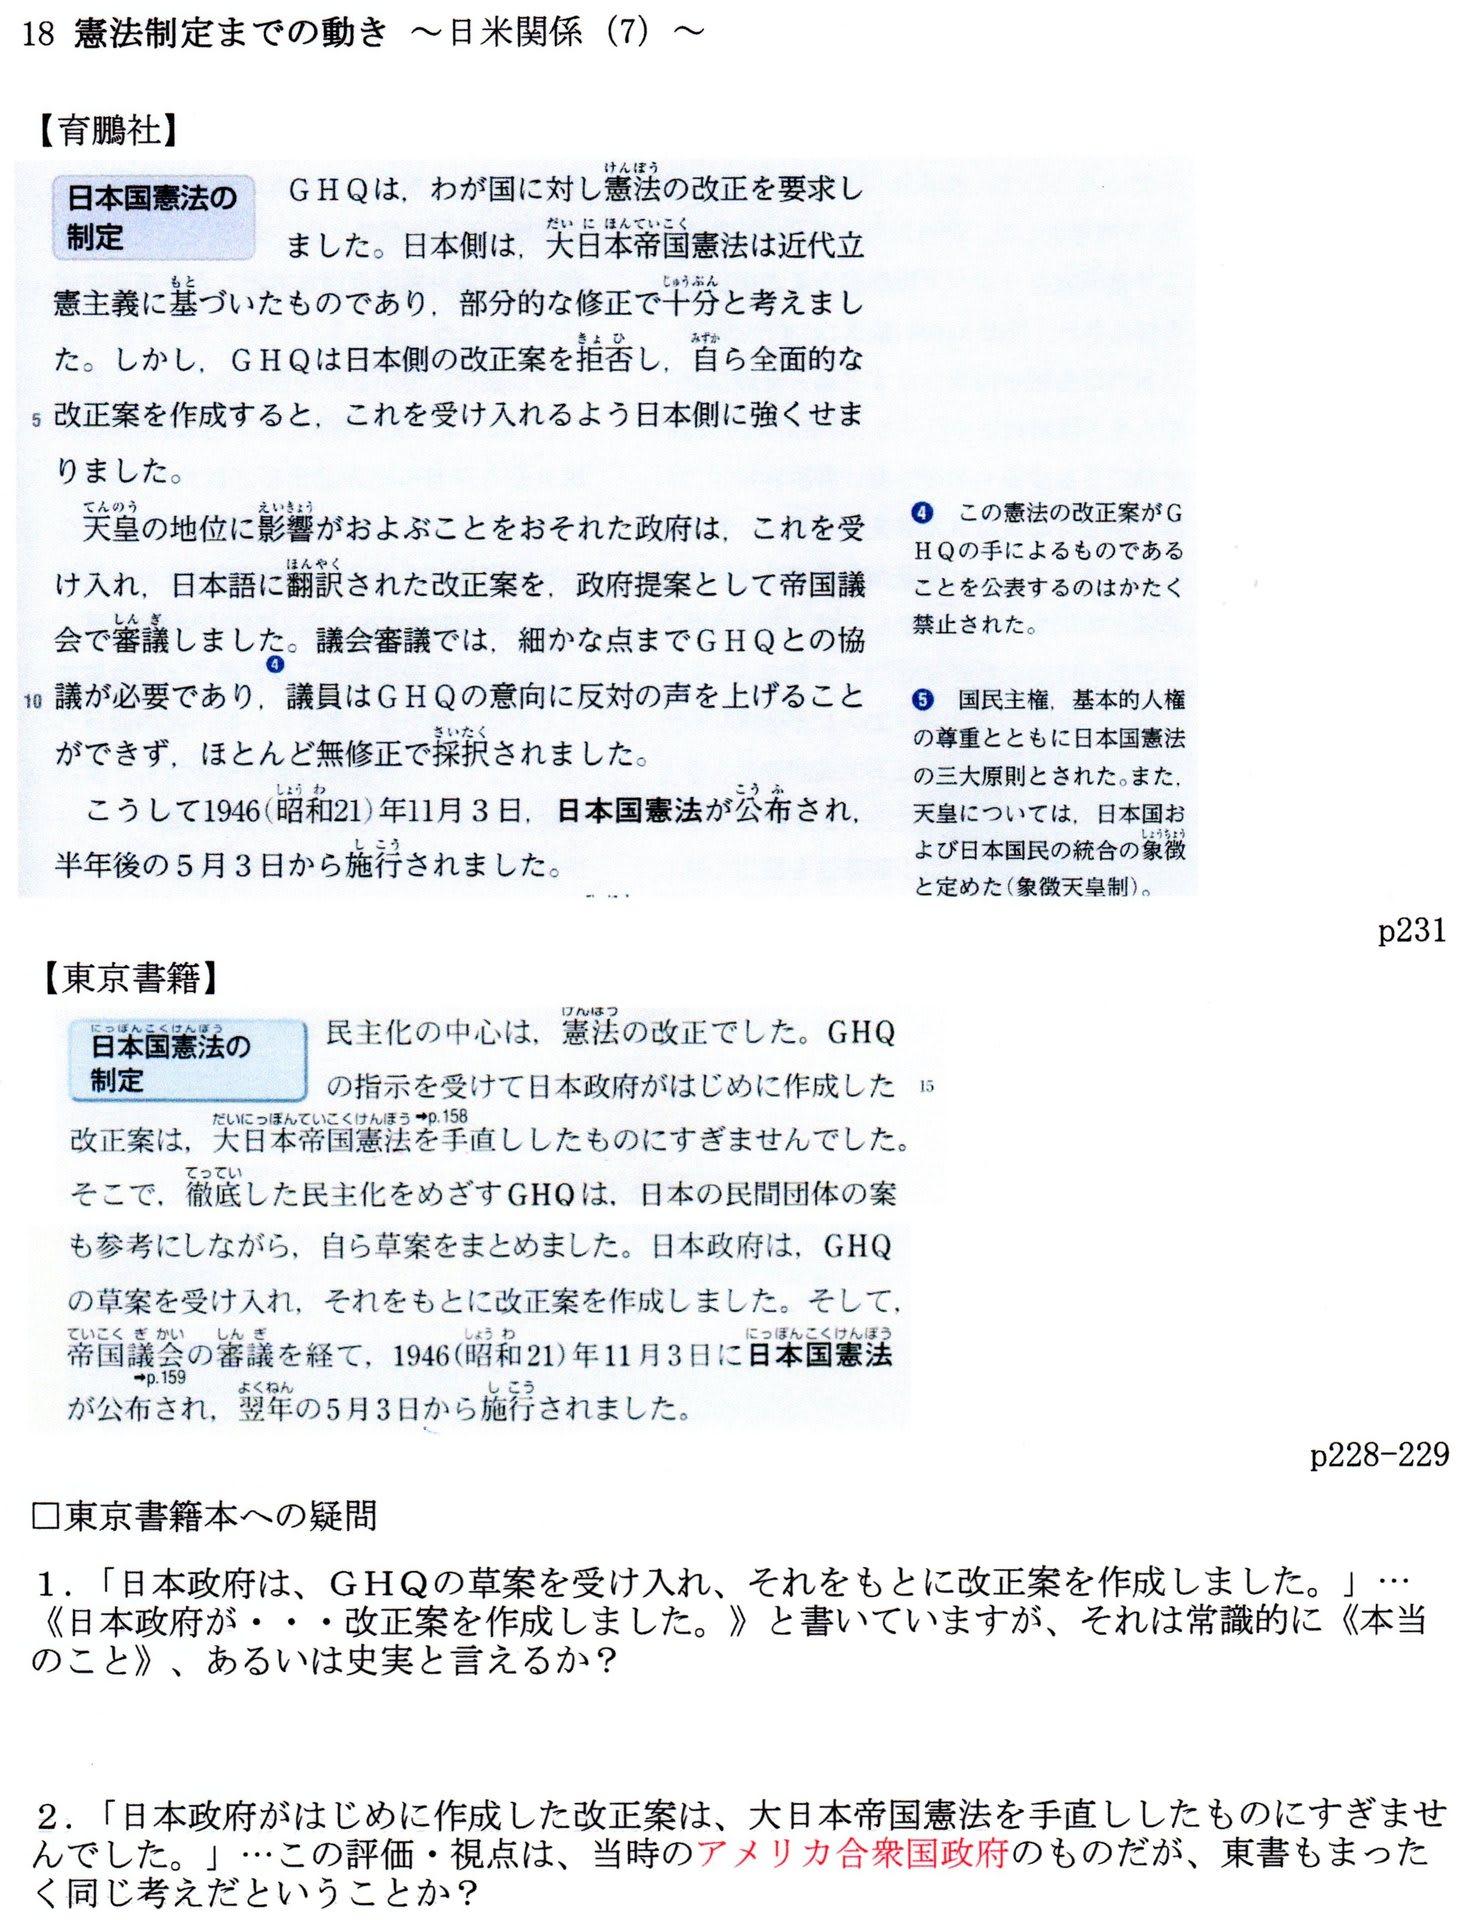 憲法 憲法 日本 違い 大 日本 帝国 国